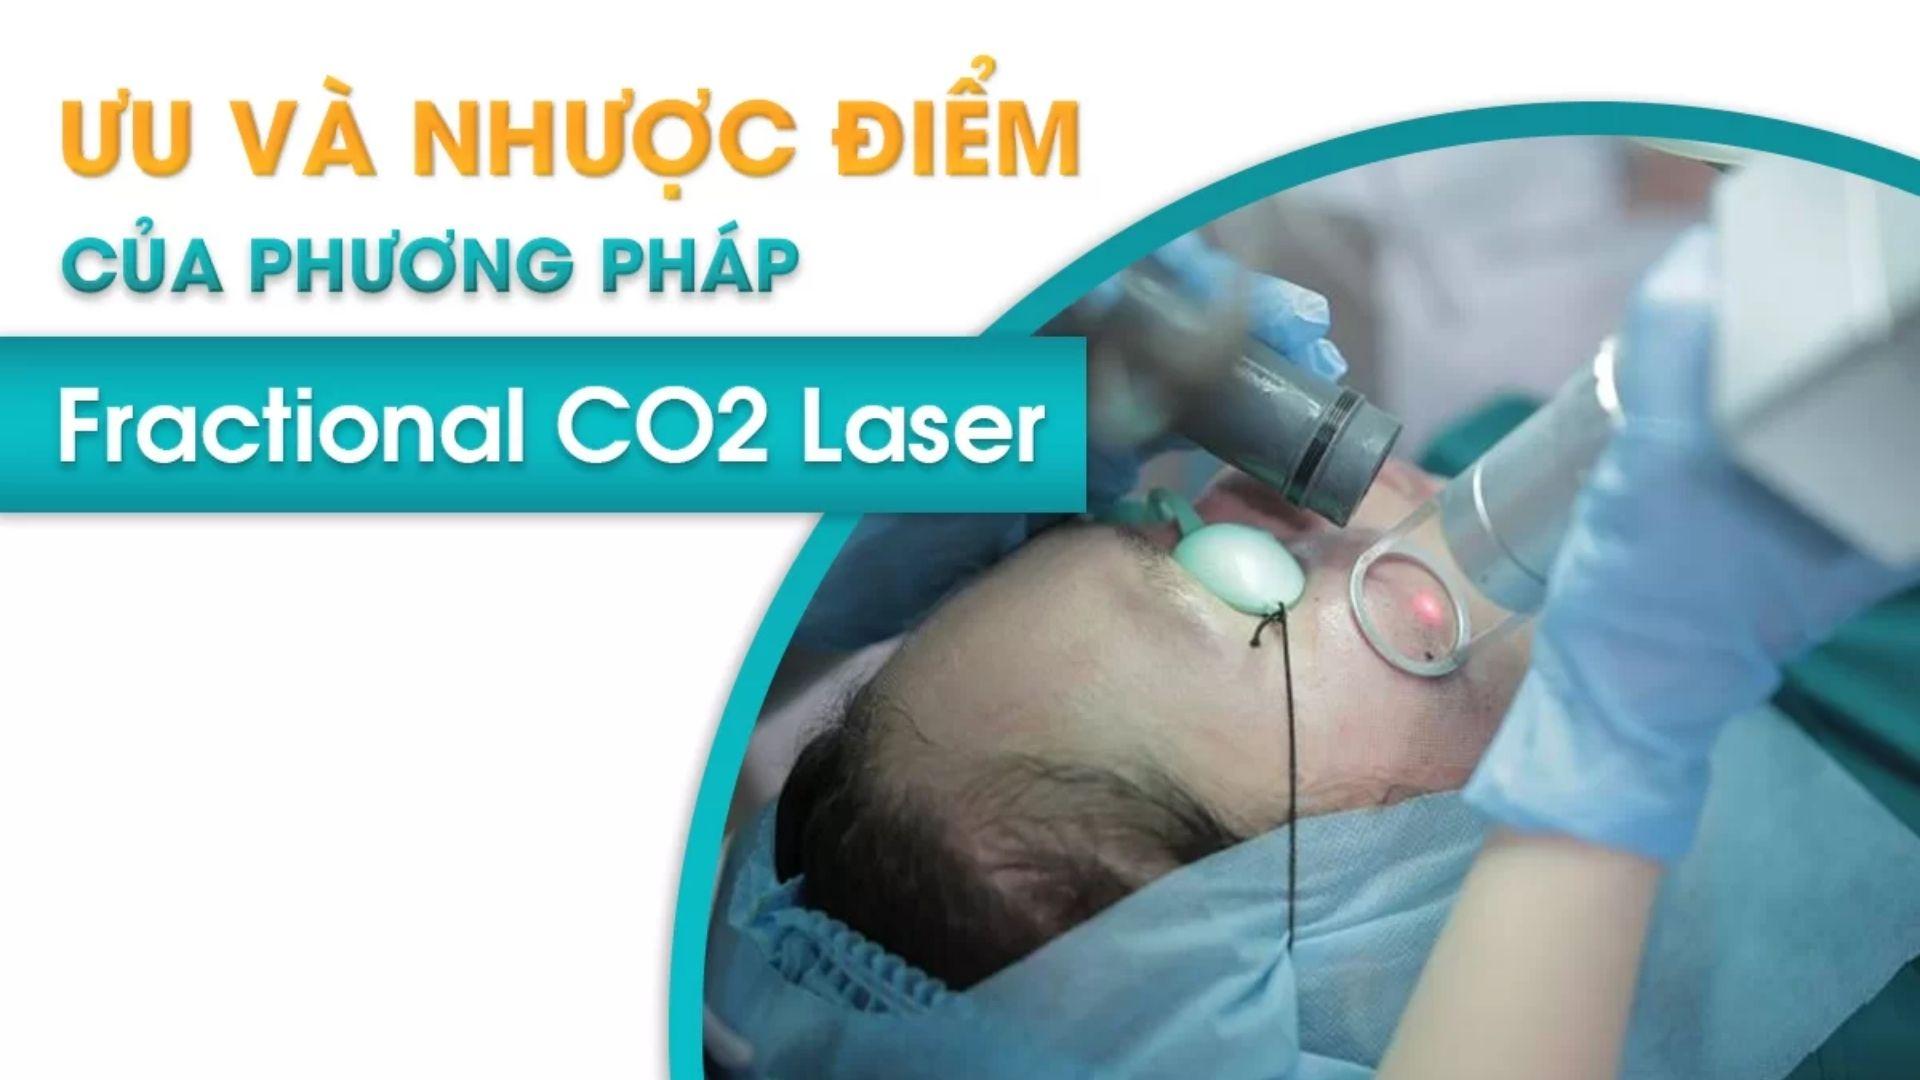 Ưu nhược điểm Laser CO2 Fractional